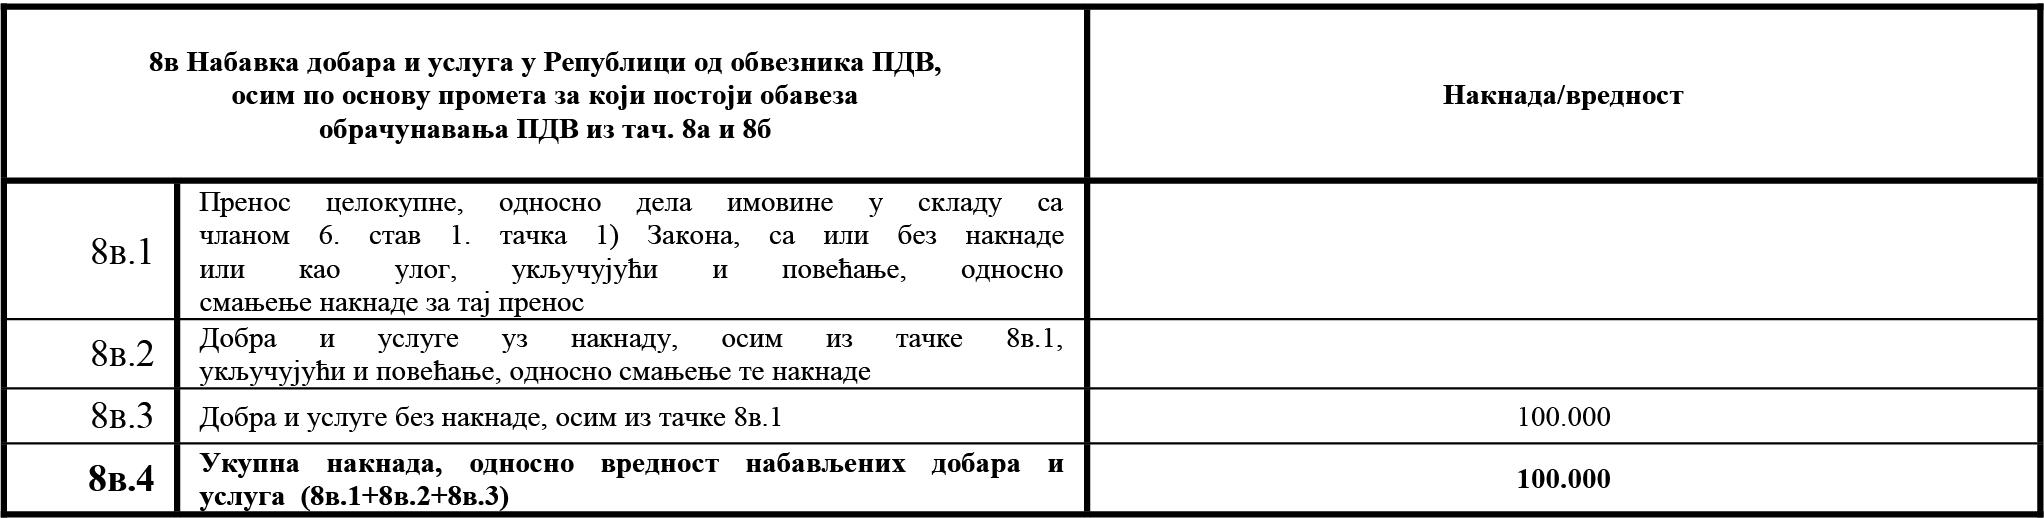 uputstvo PU obrazac POPDV primer 107